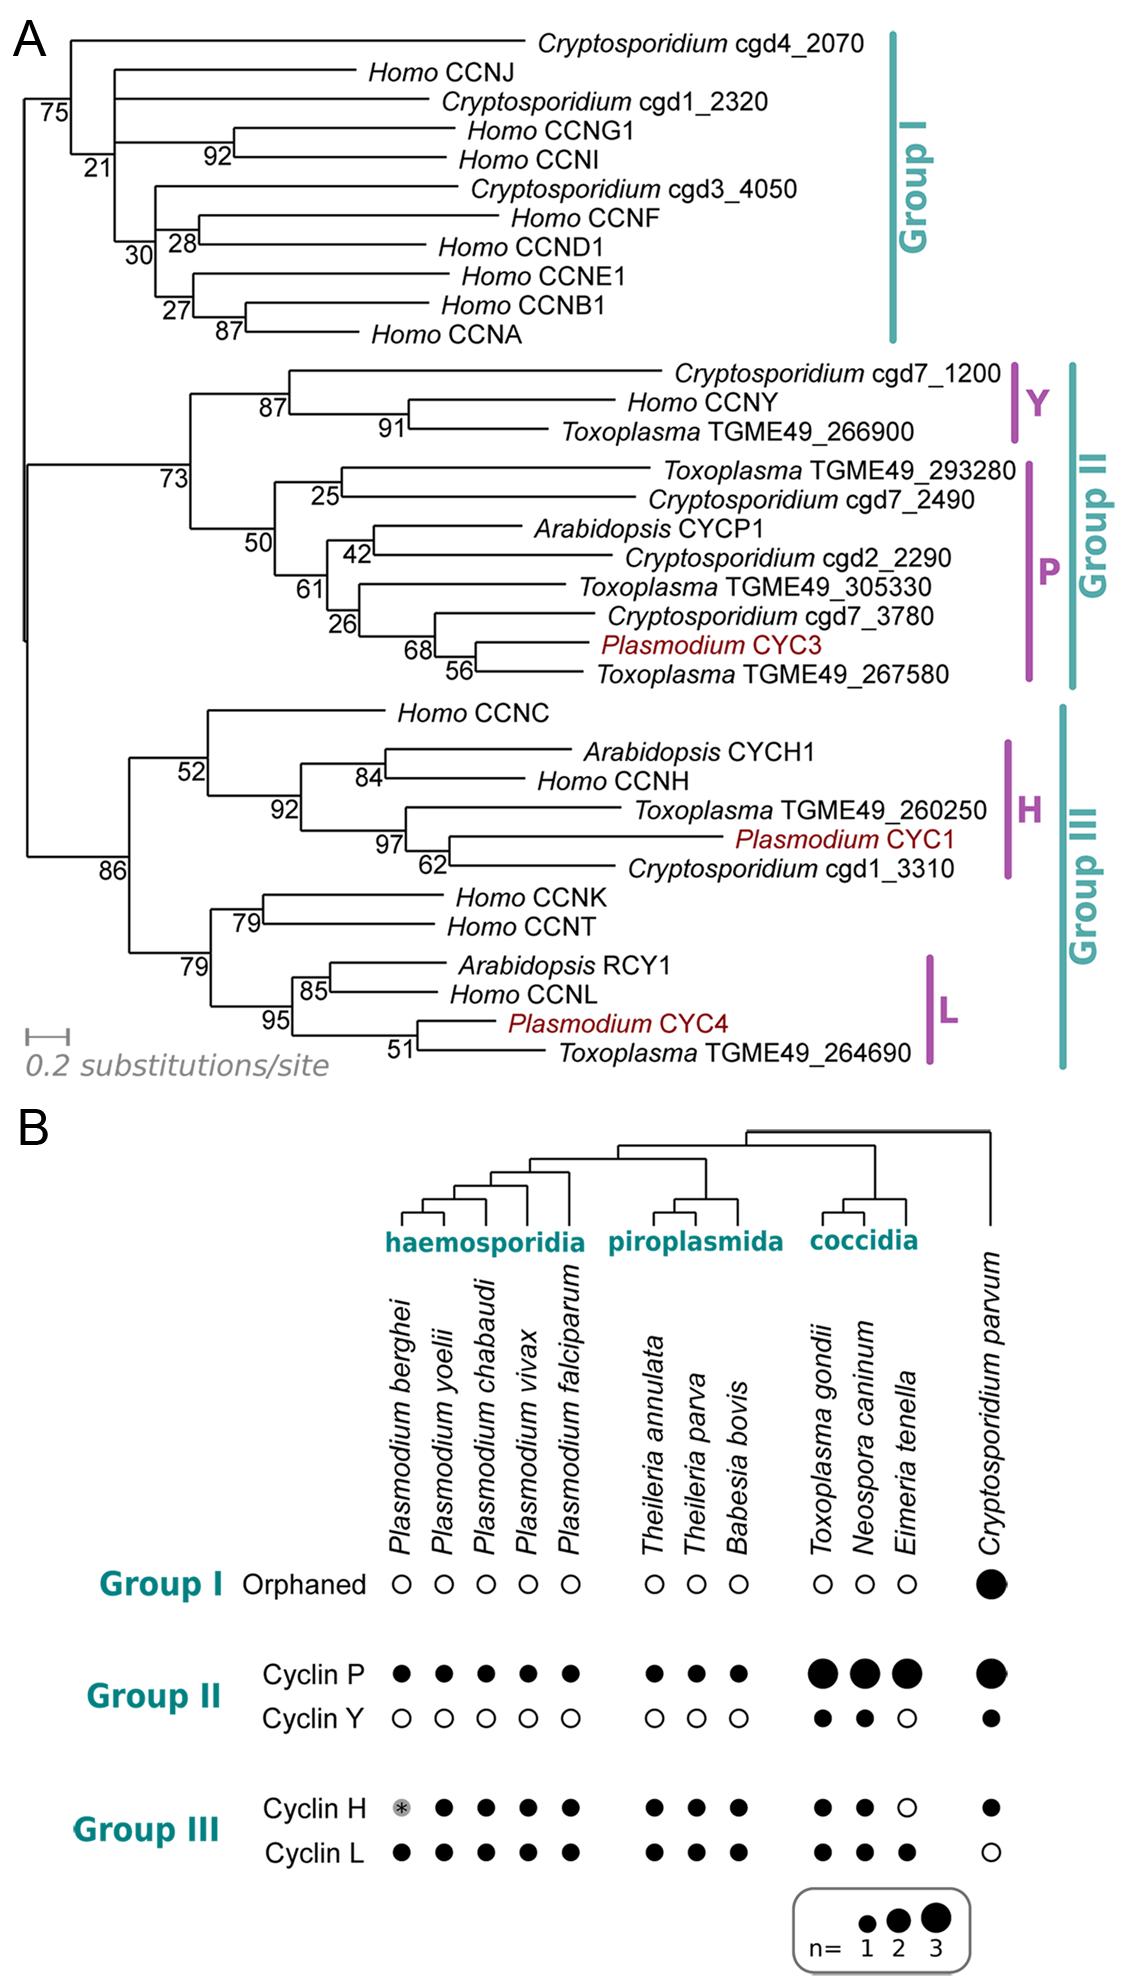 Characterisation of the cyclin repertoire of the <i>Apicomplexa</i>.